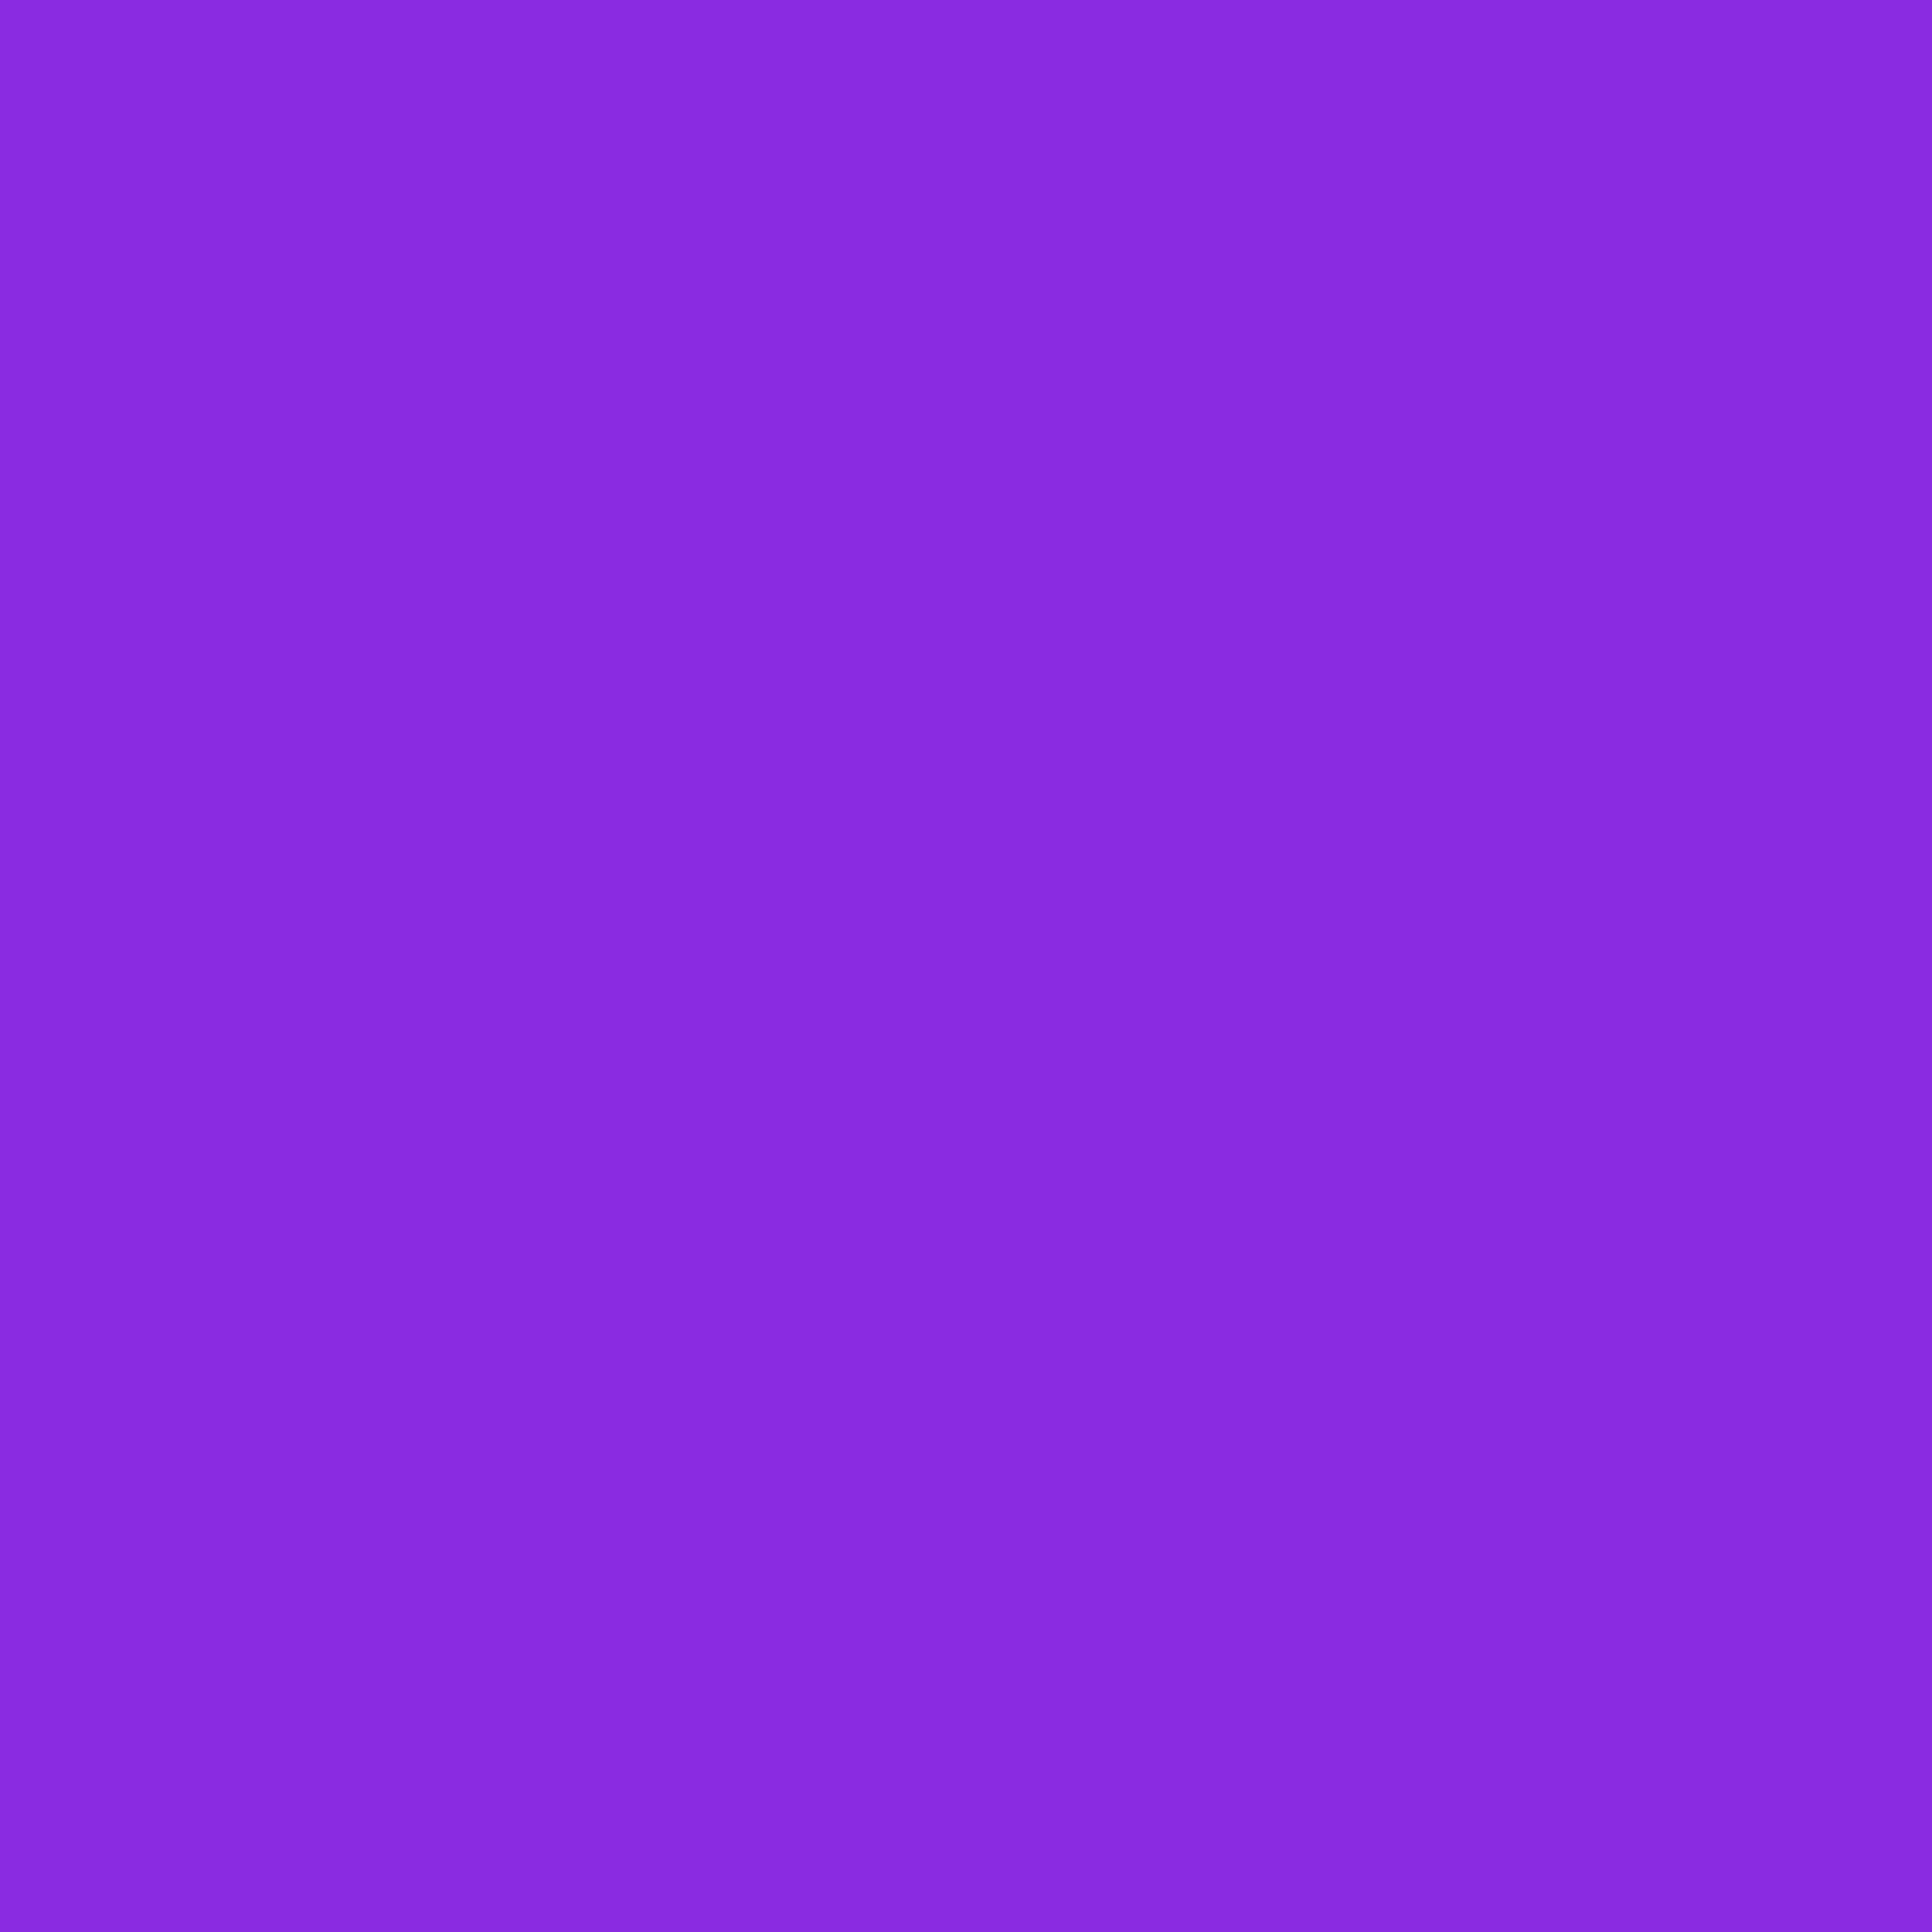 2732x2732 Blue-violet Solid Color Background